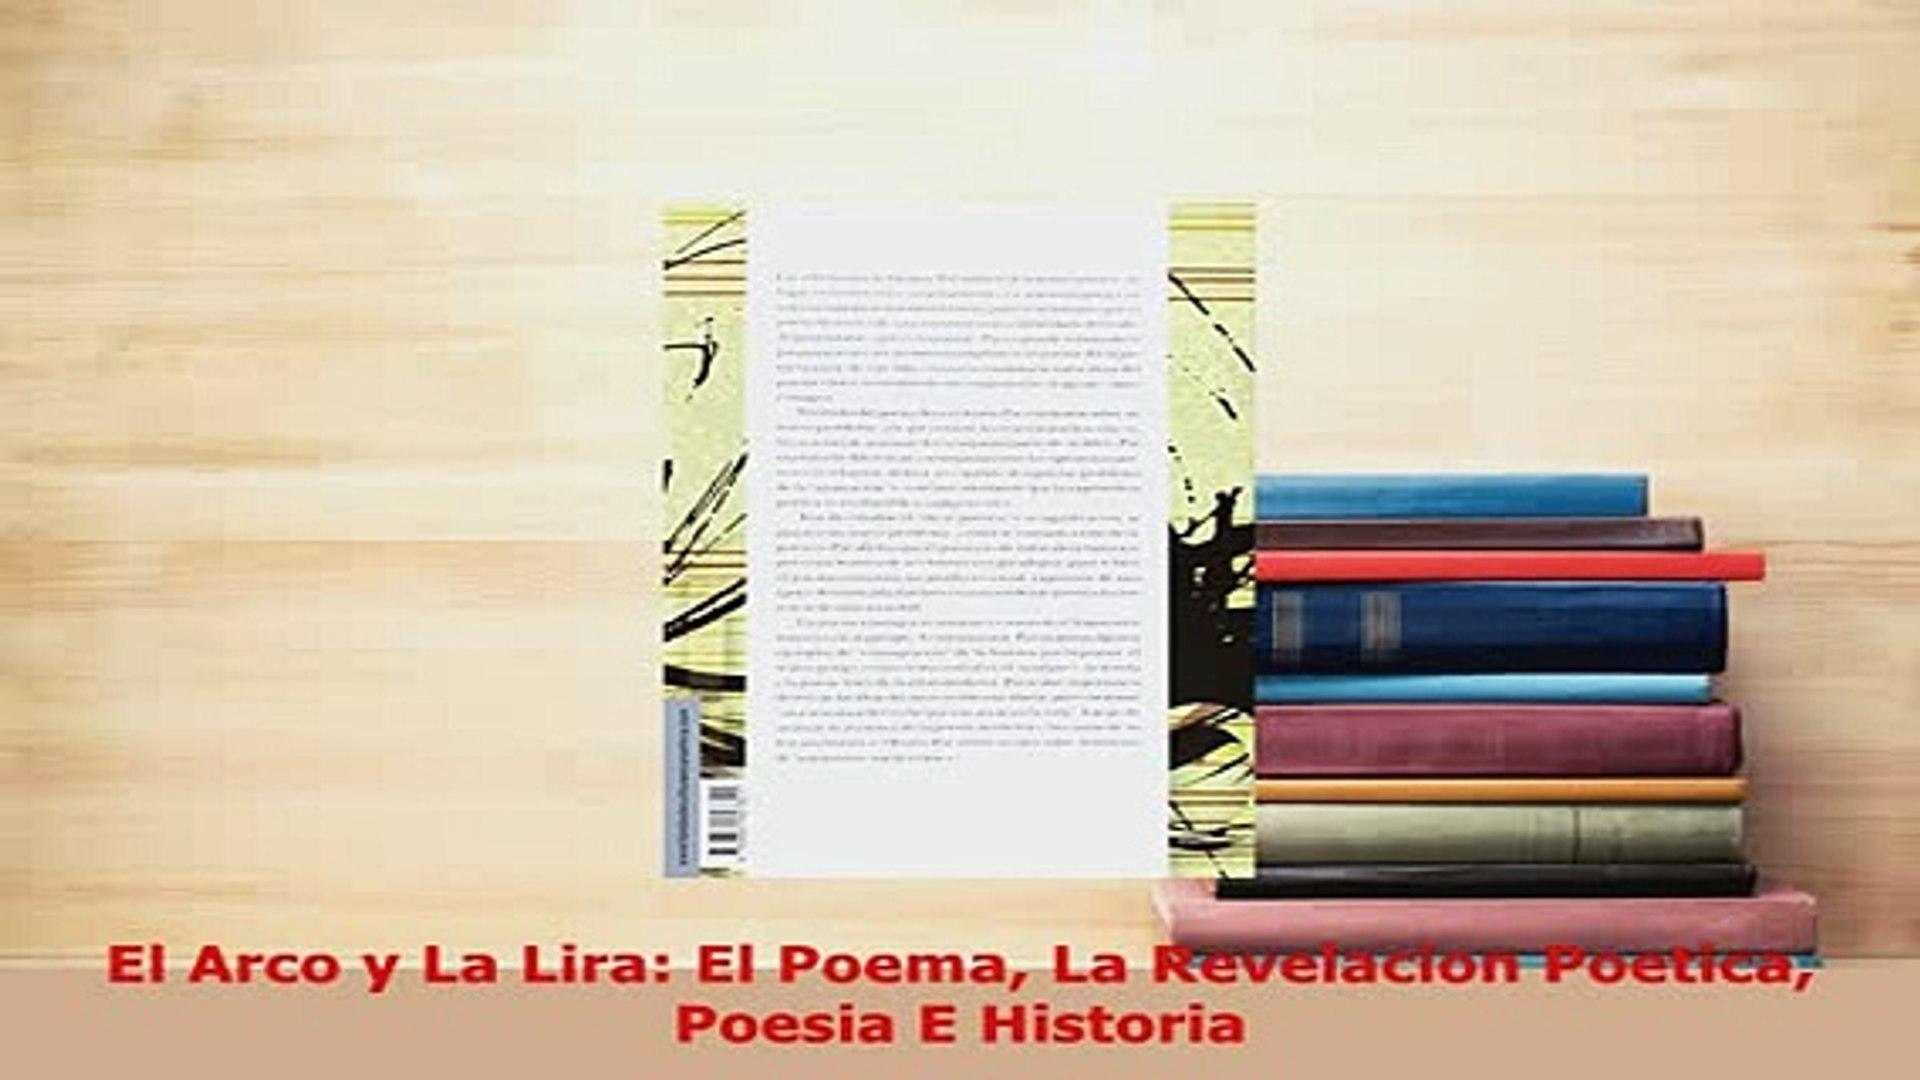 Descargar libro 40 Poesías rápidas y un canto a ti en la playa epub gratis